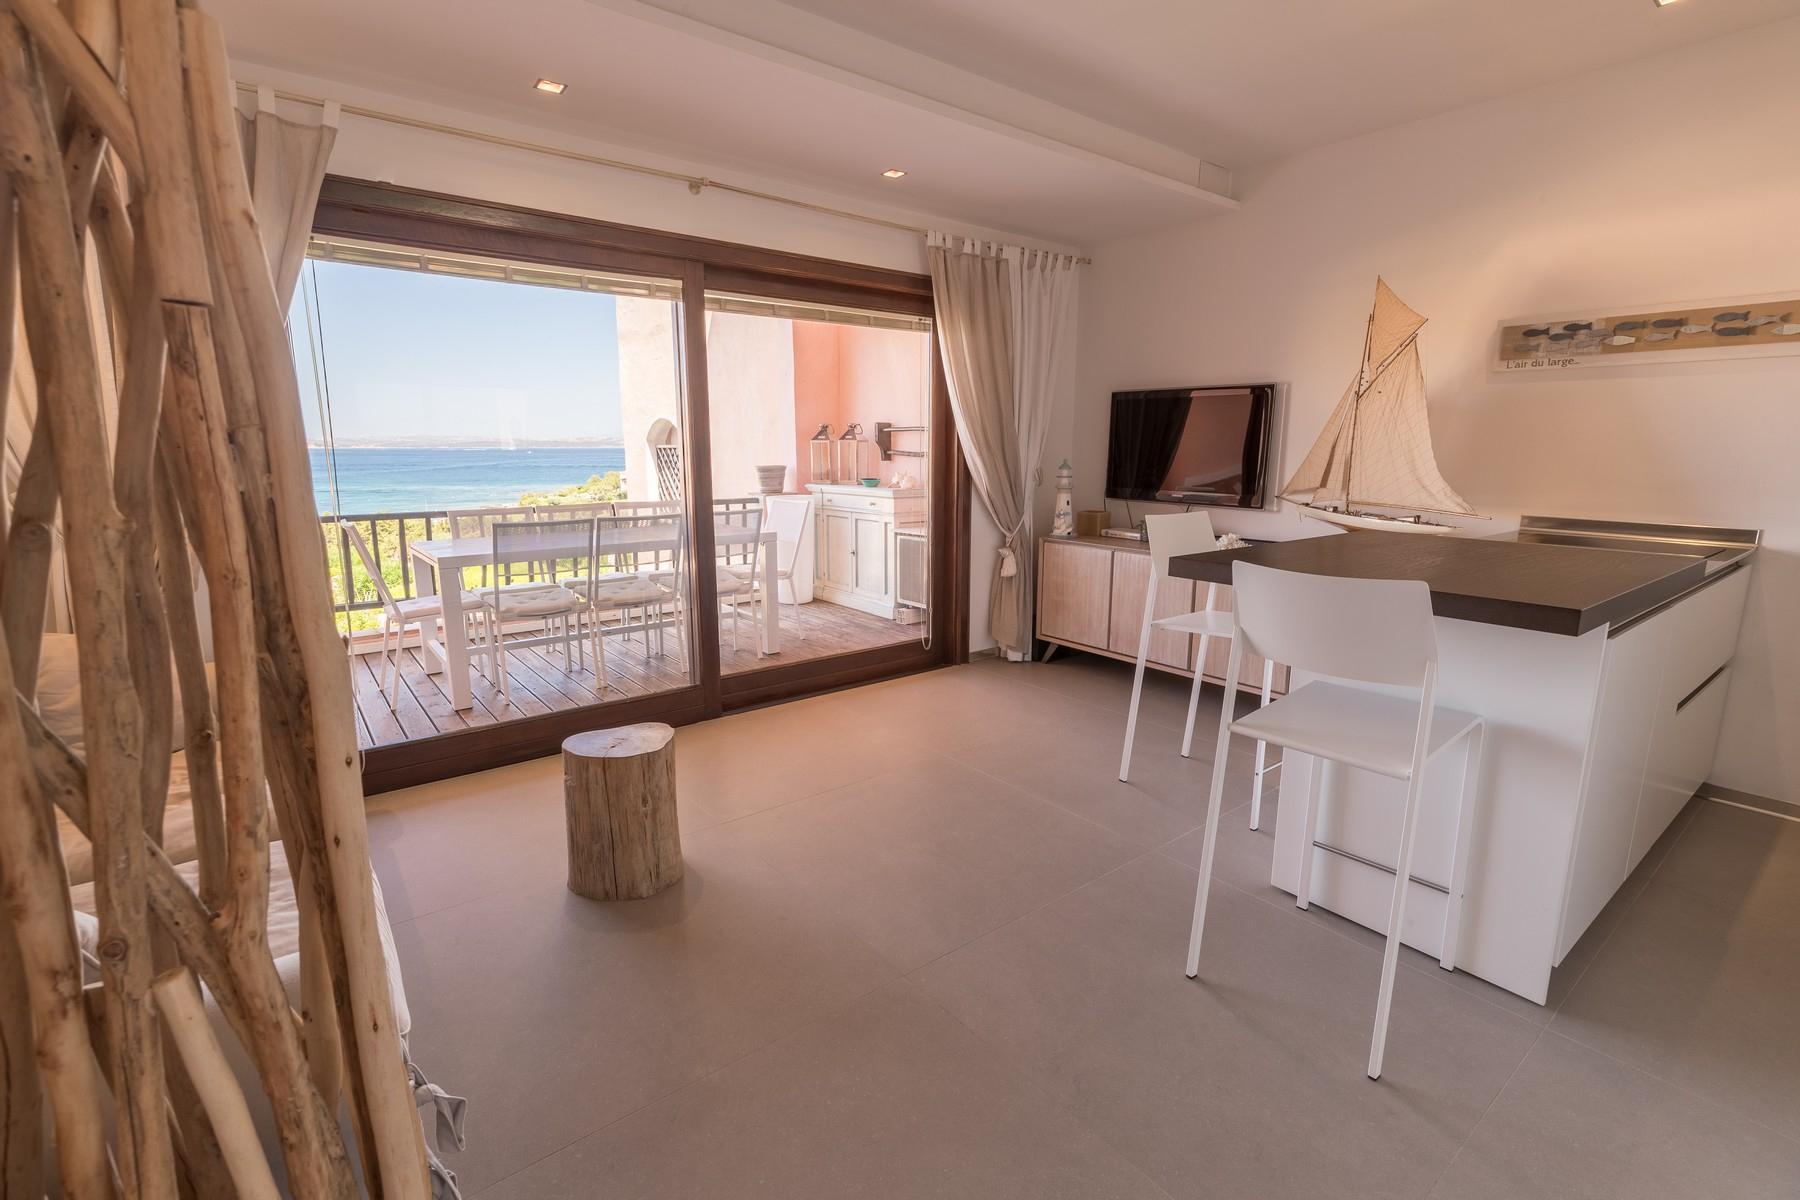 Appartamento in Vendita a Arzachena: 3 locali, 55 mq - Foto 10